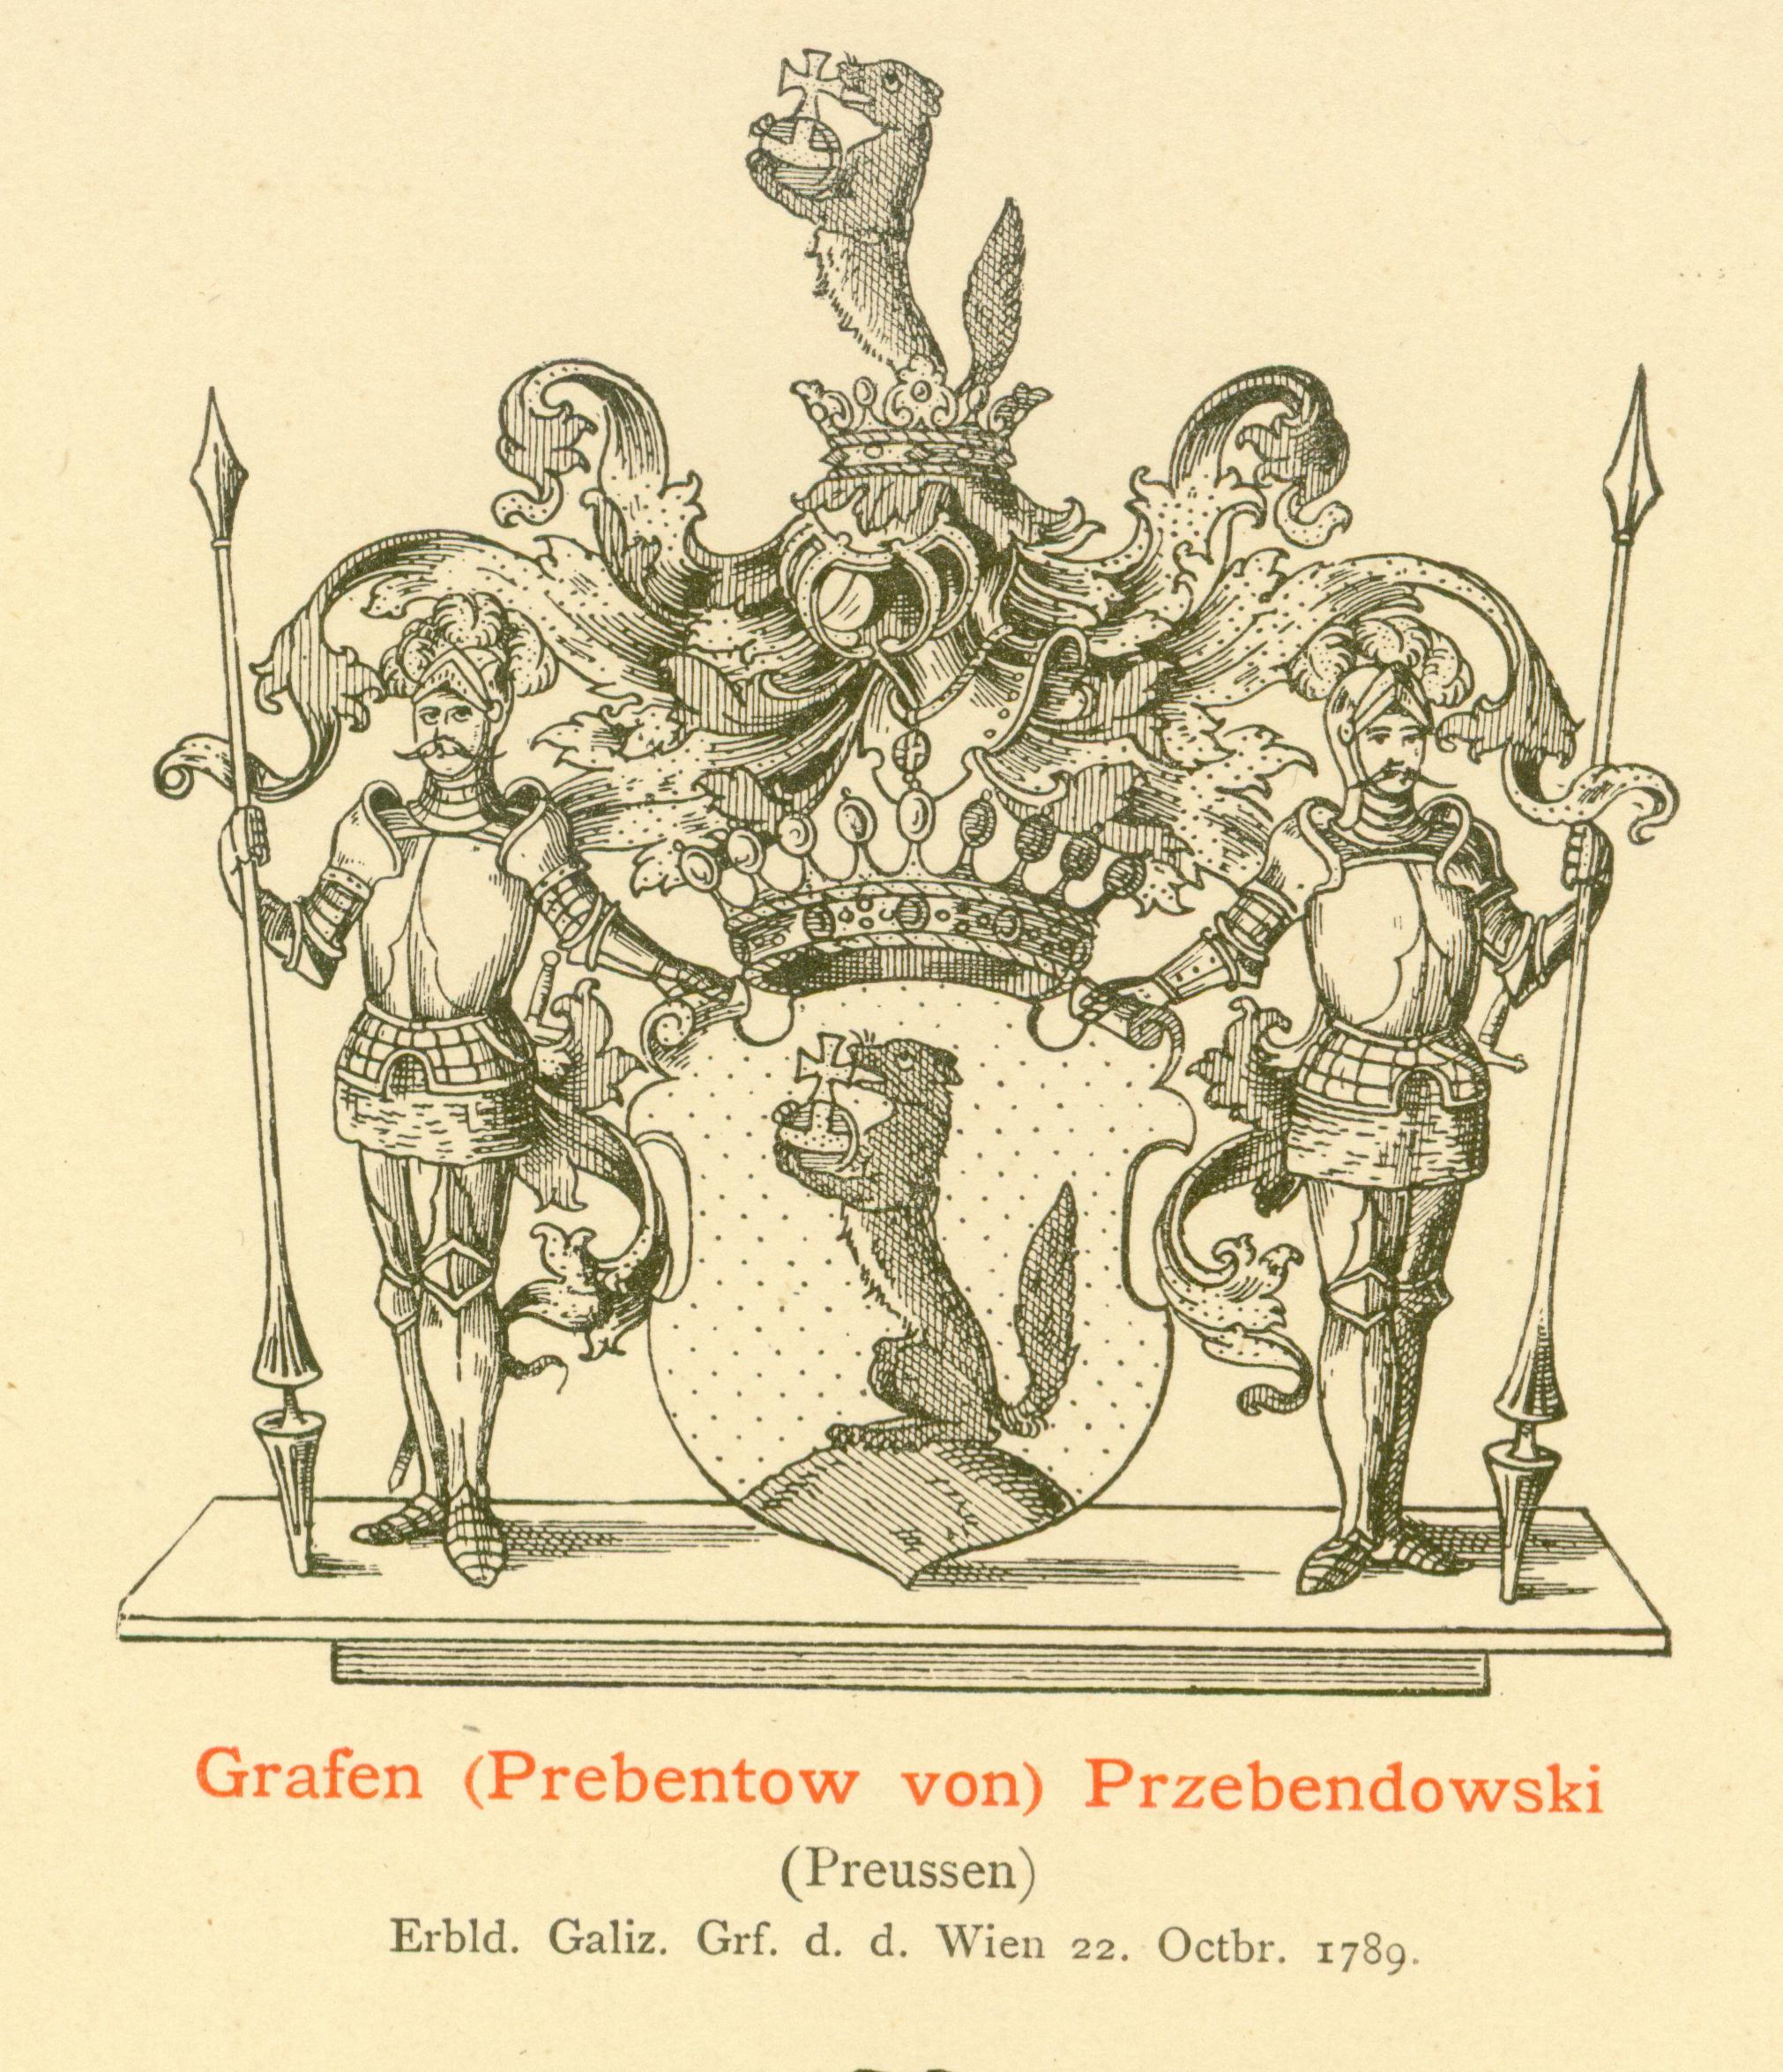 Przebendowski Prebentow von